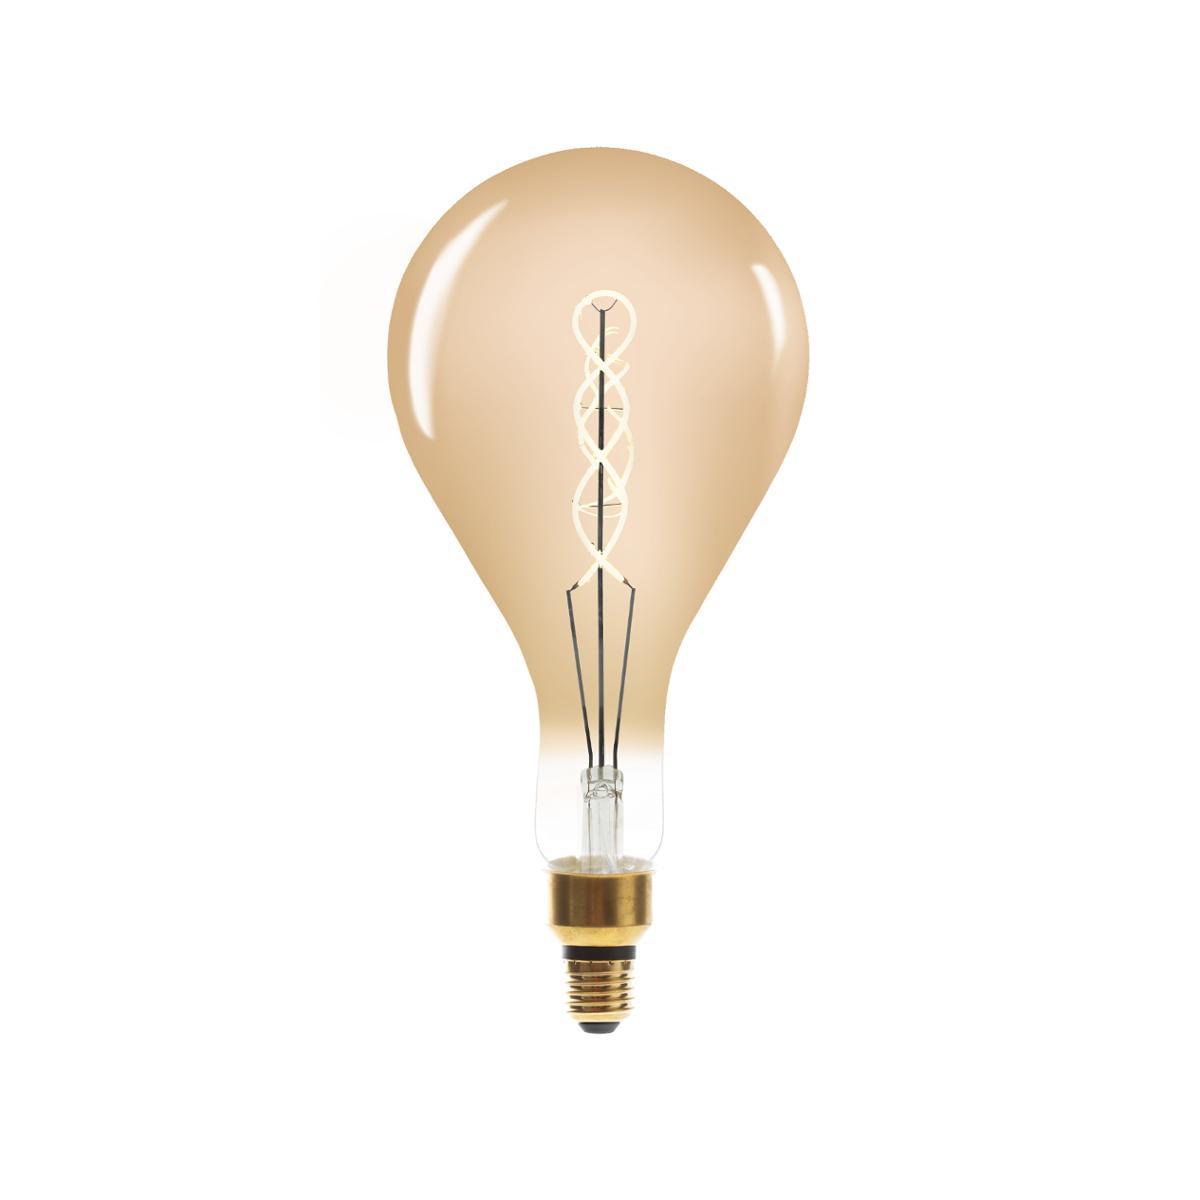 Ampoule LED Torsad Ambrée PS160 6W